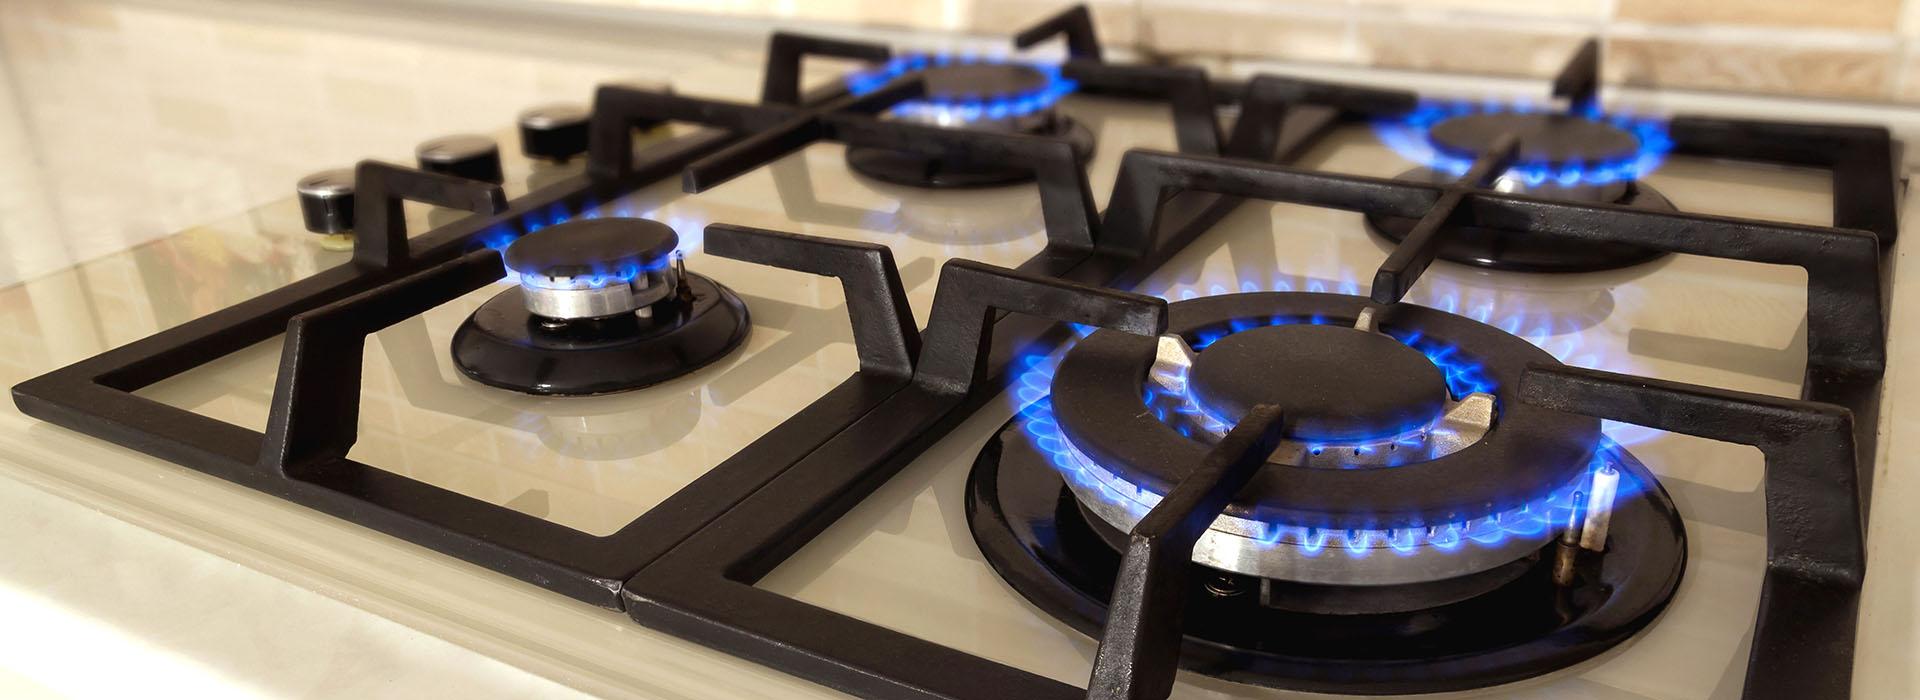 Kaasuliesien ja -laitteiden asennukset ja huollot myös kotitalouksille | Laatukaasu Oy - Tampere